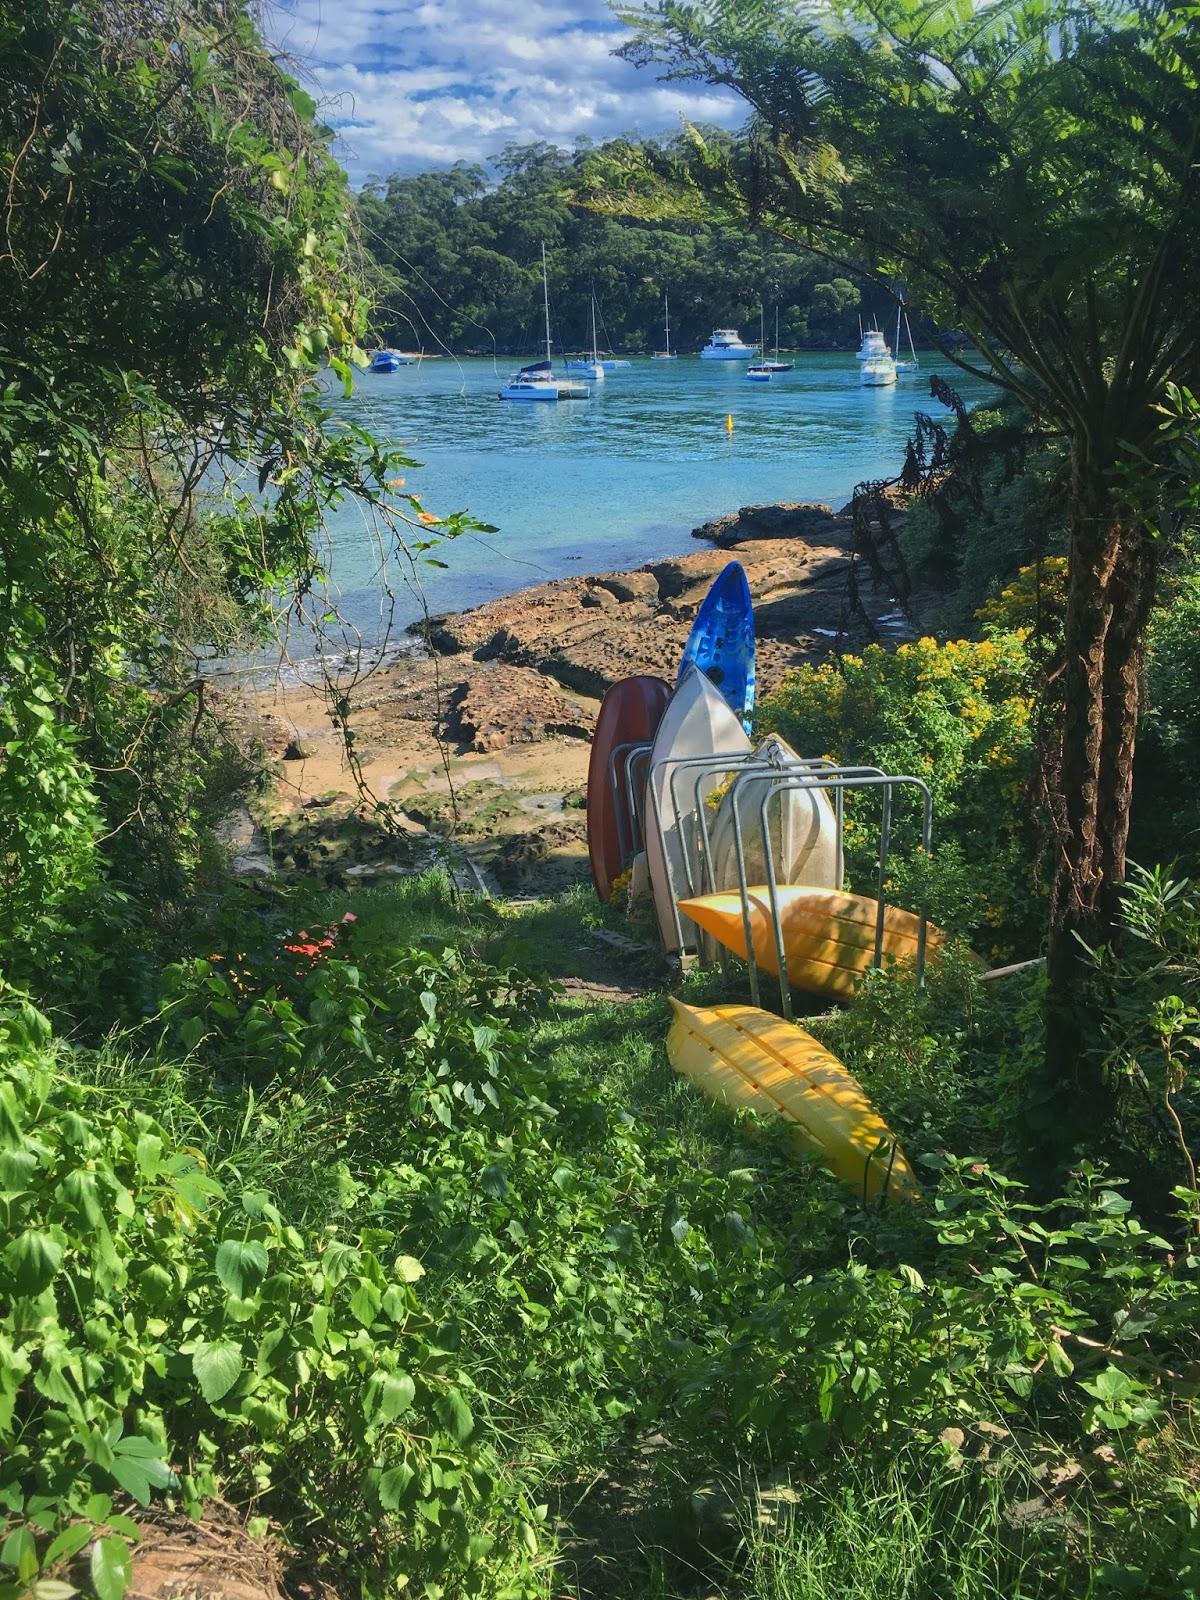 Colourful boats on Taronga to Balmoral Walk